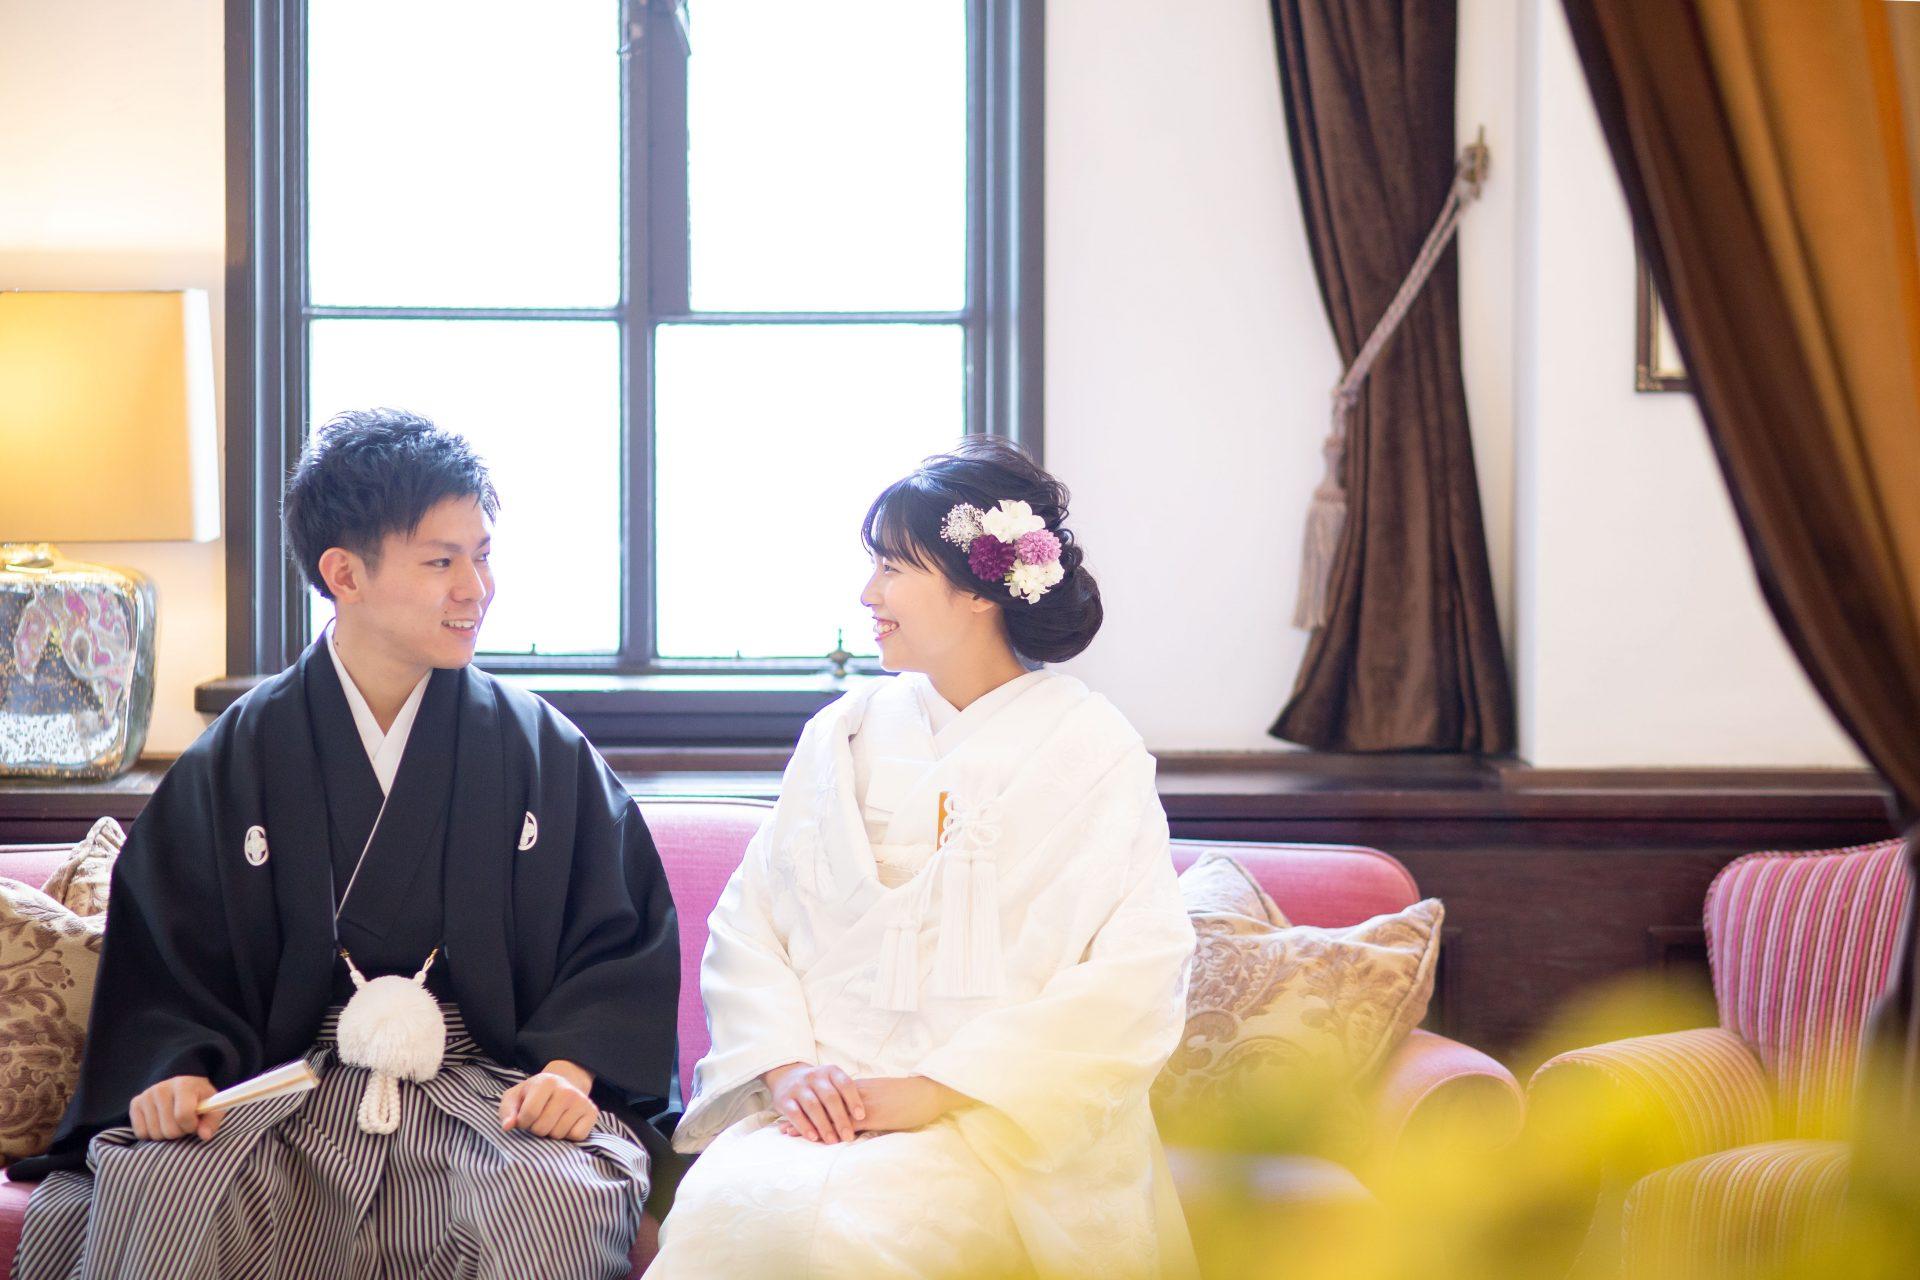 歴史ある洋館のフォーチュンガーデン京都の和装前撮りにて白無垢と紫と白の生花のヘッドパーツを組み合わせたコーディネート